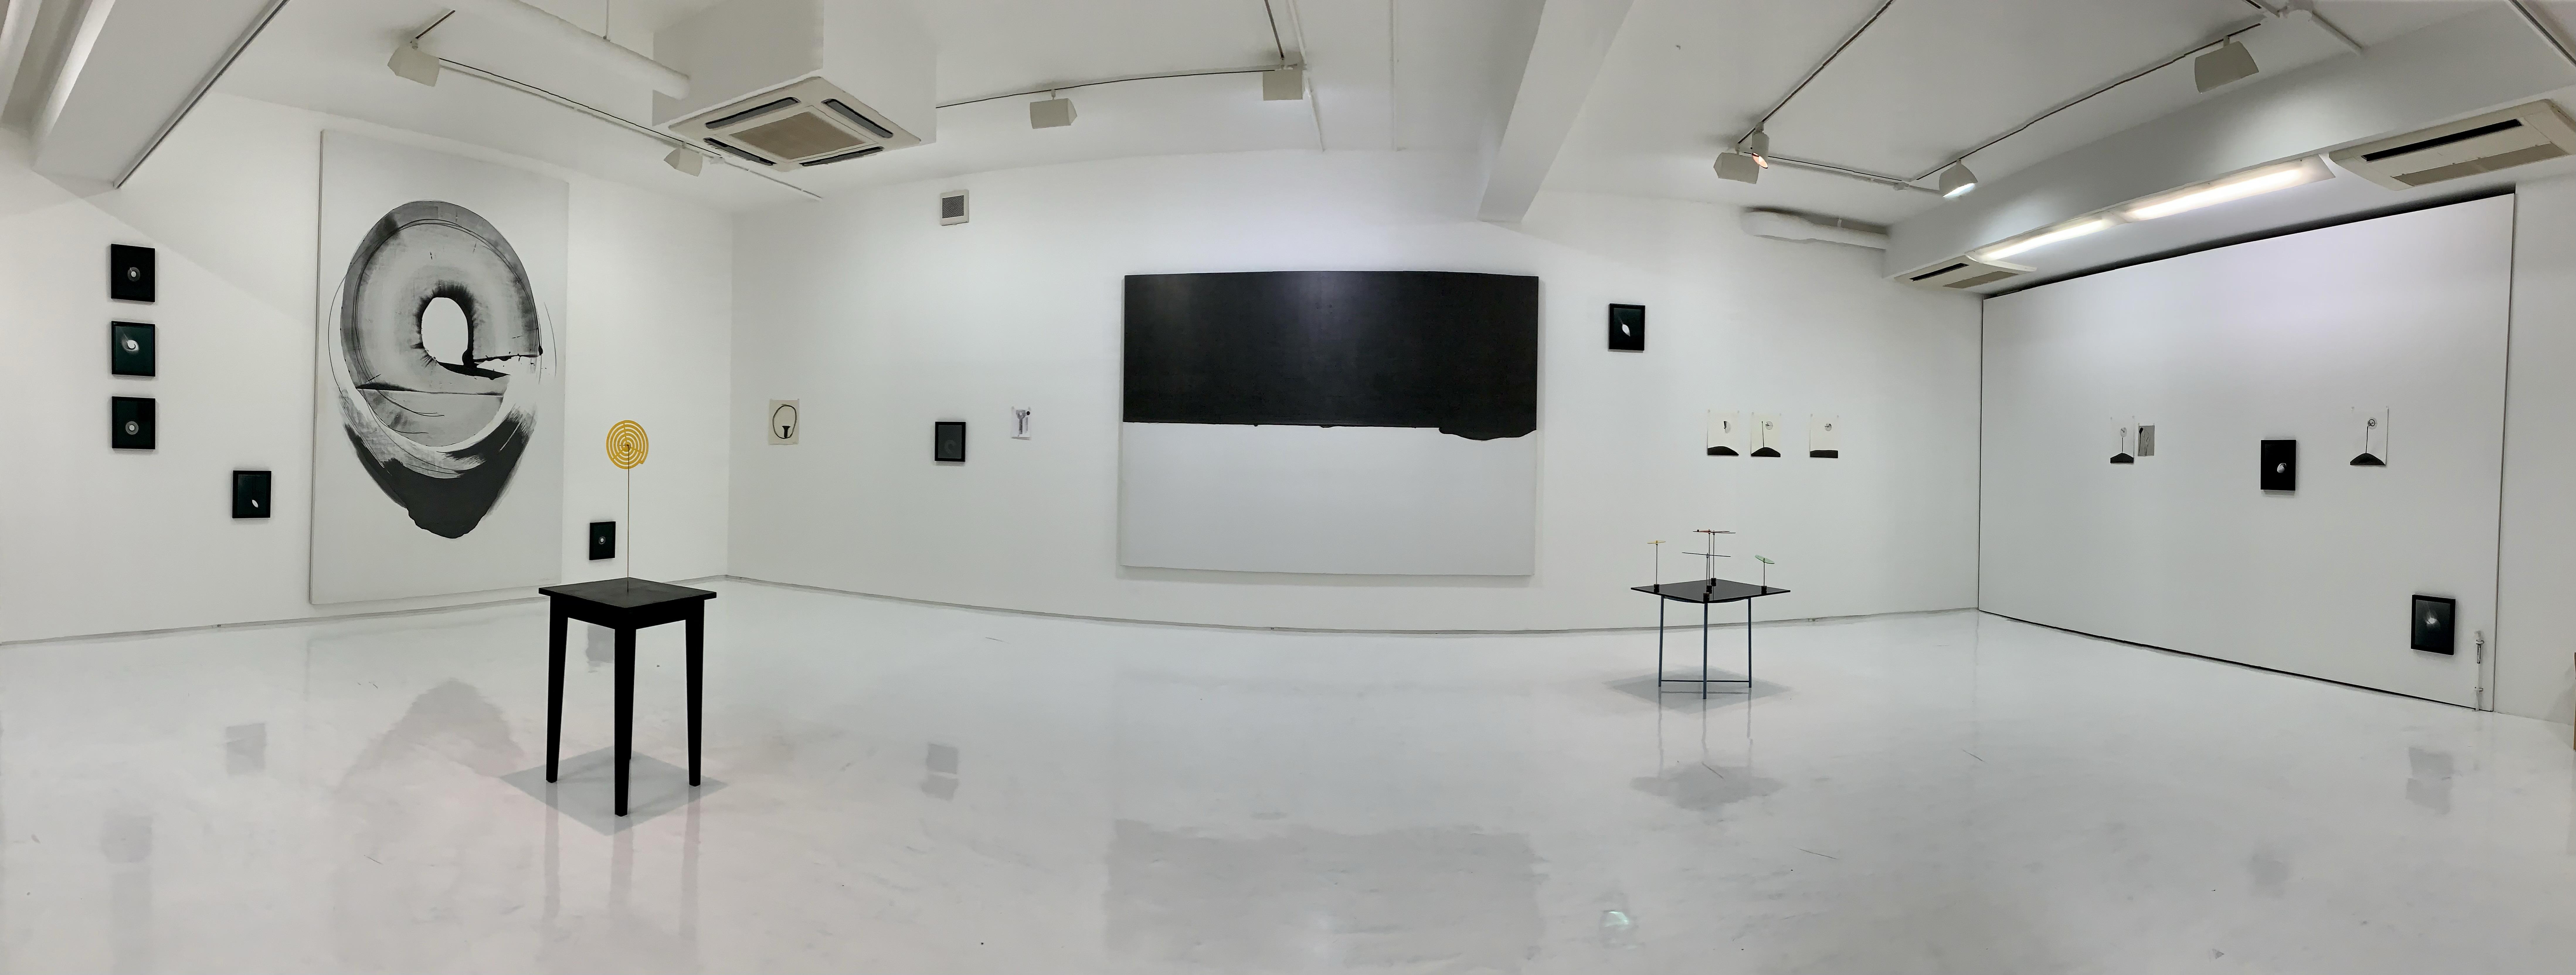 「RHYTHM」展